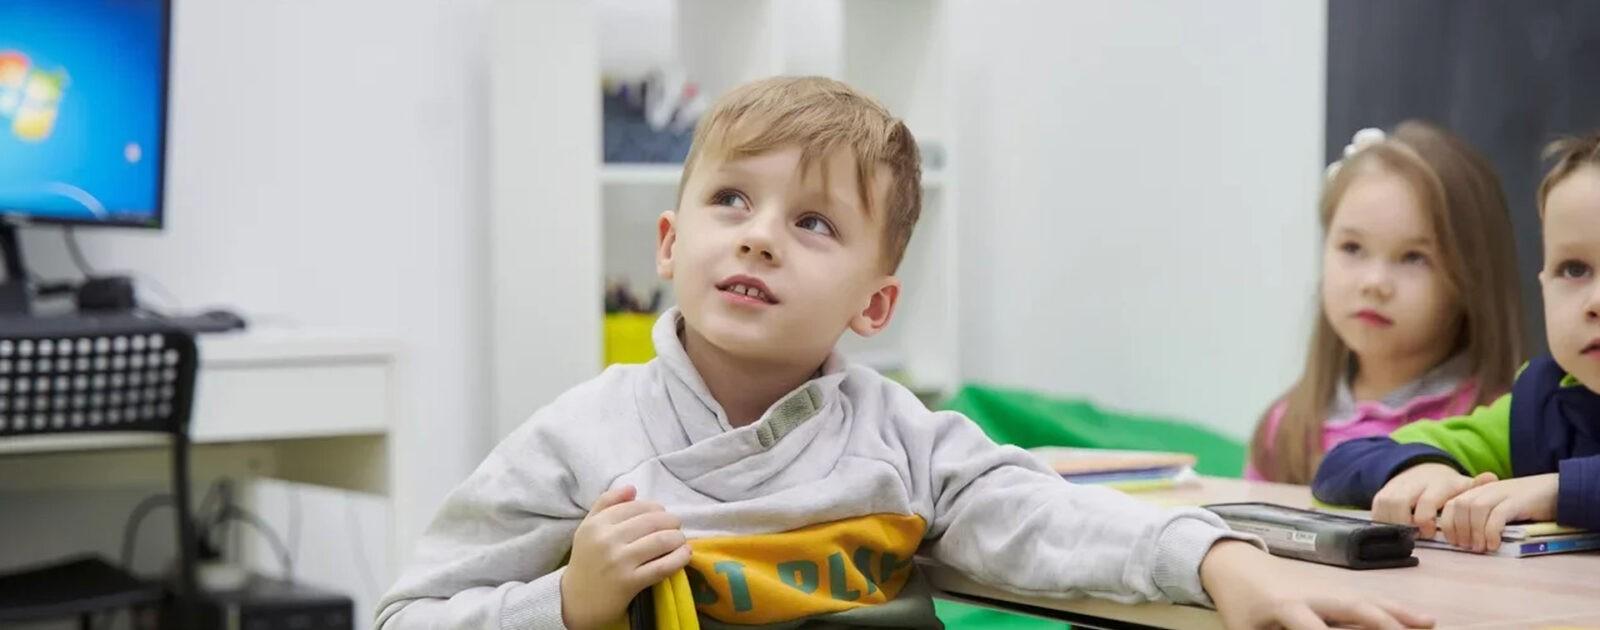 Интенсивный курс чтения на русском языке для детей 5-6 лет в Йошкар-Оле